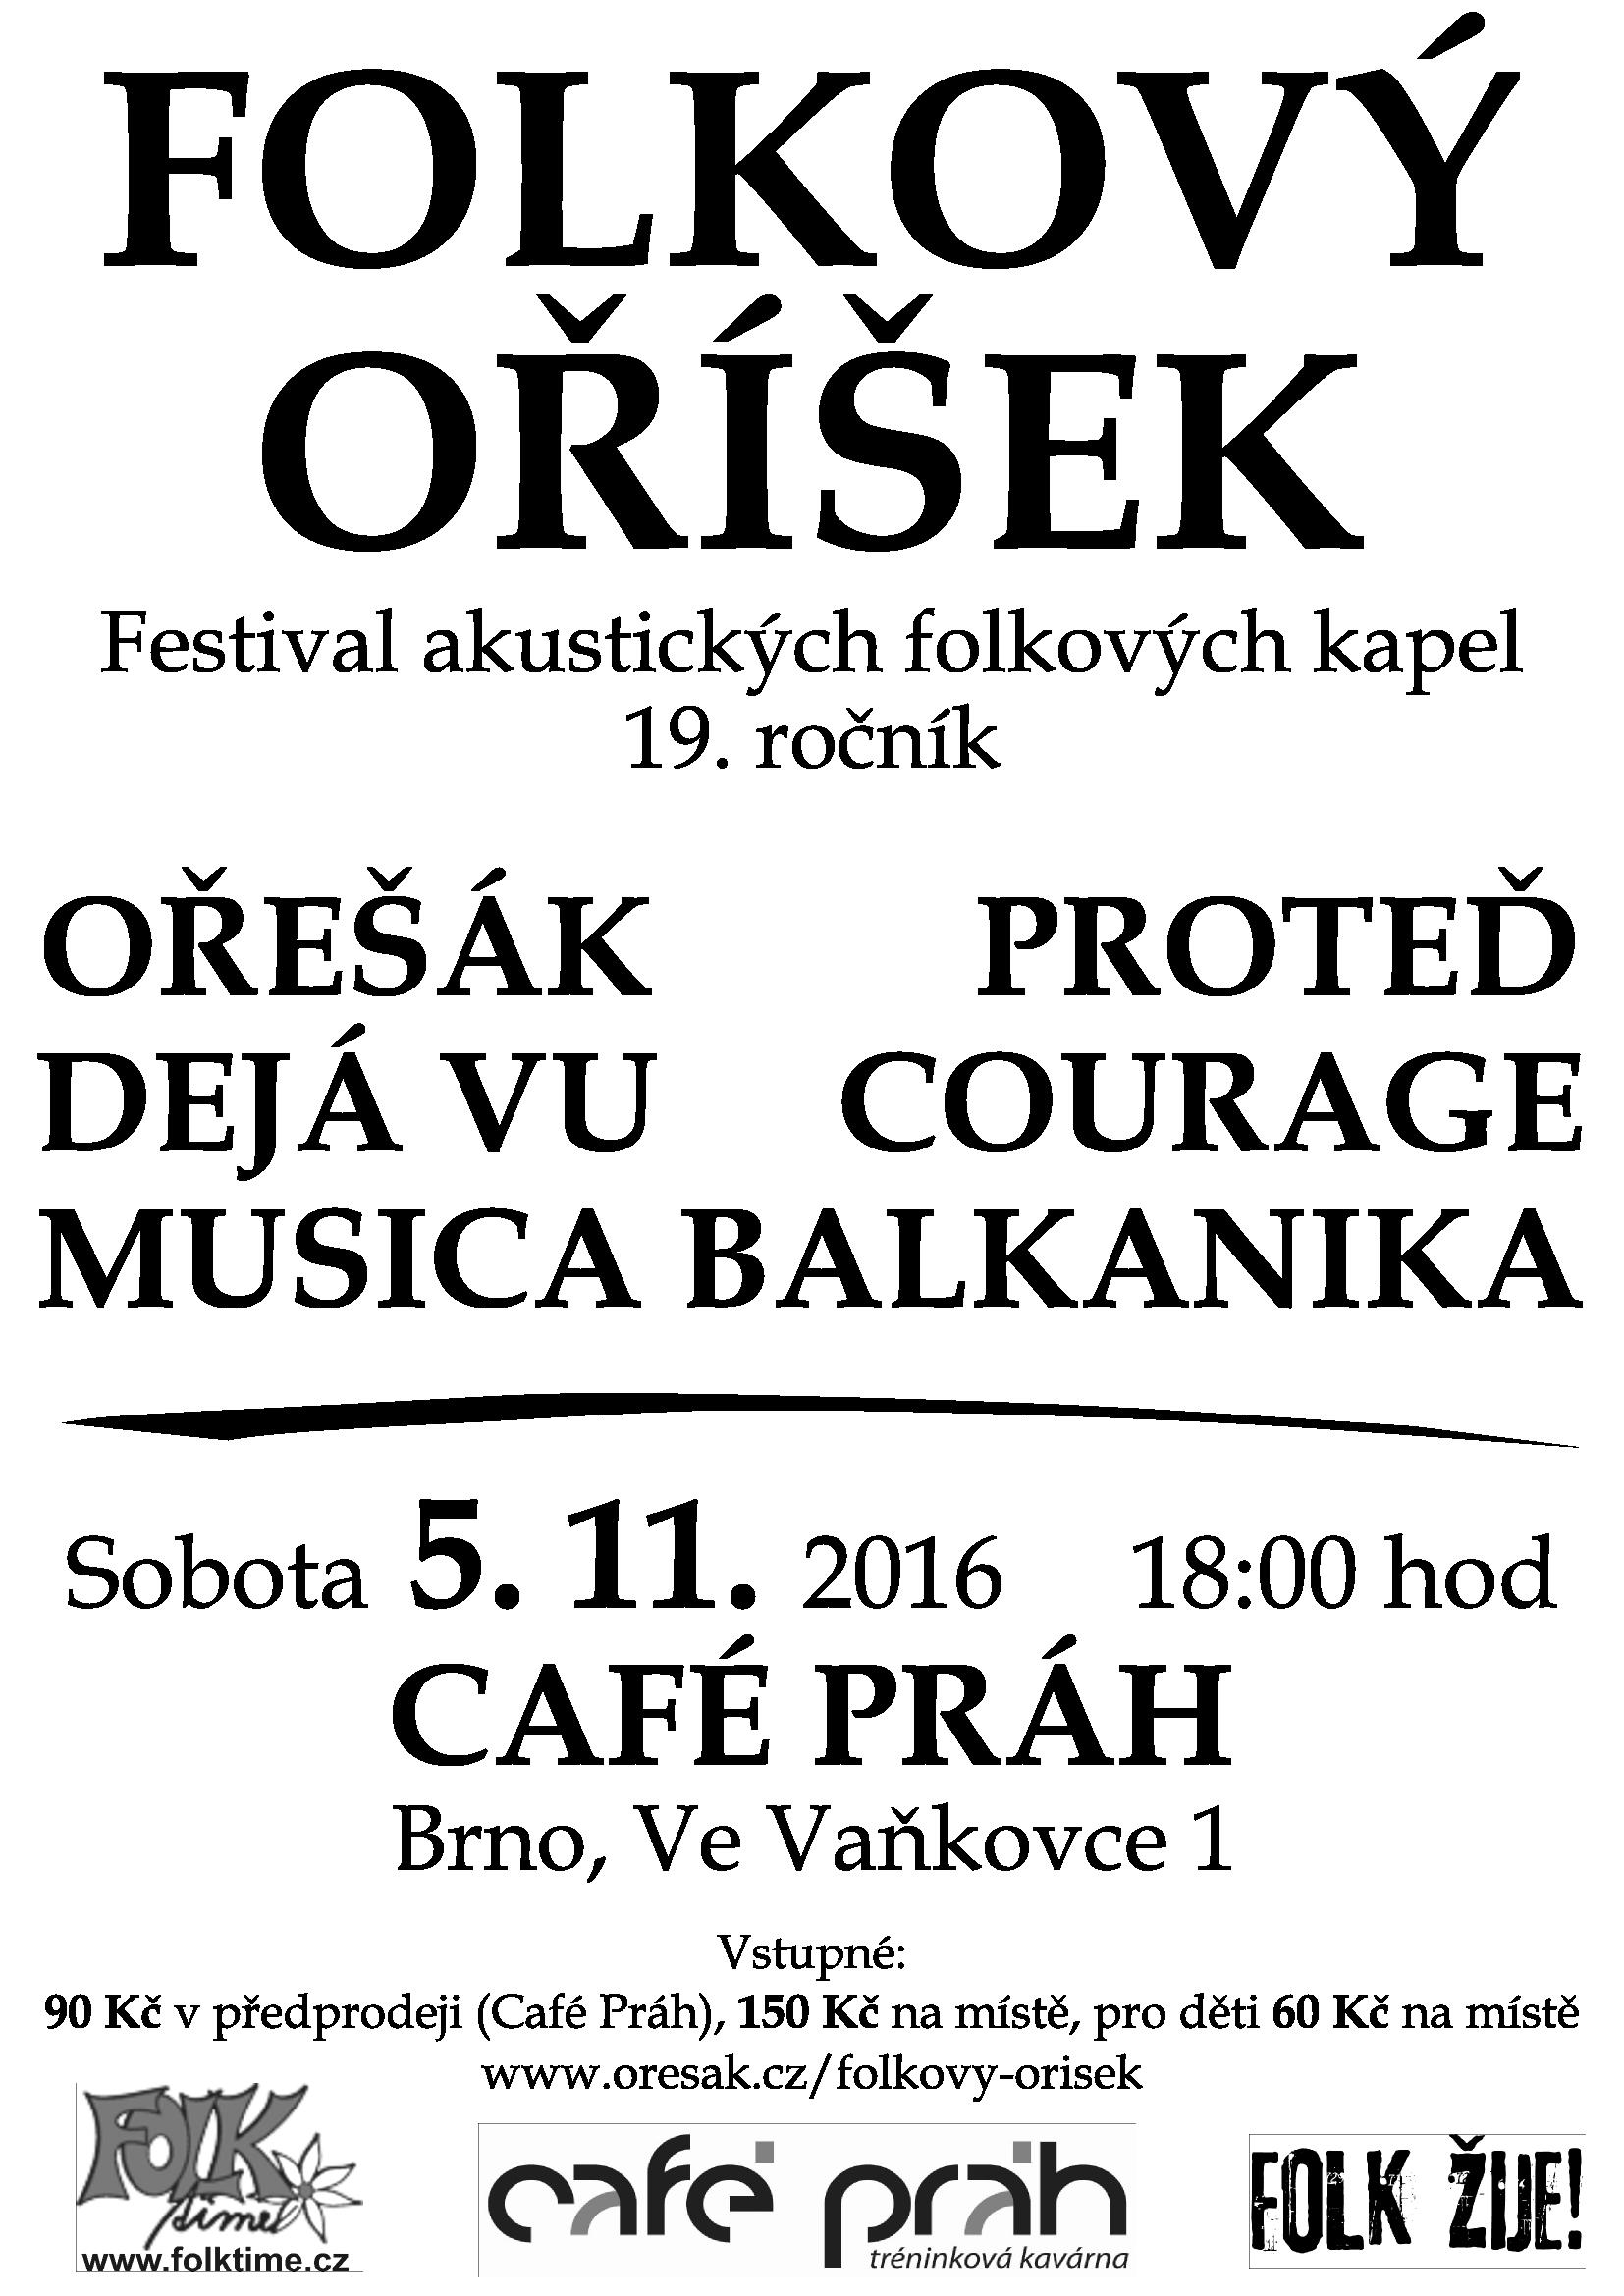 Folkový oříšek 2016 - plakát